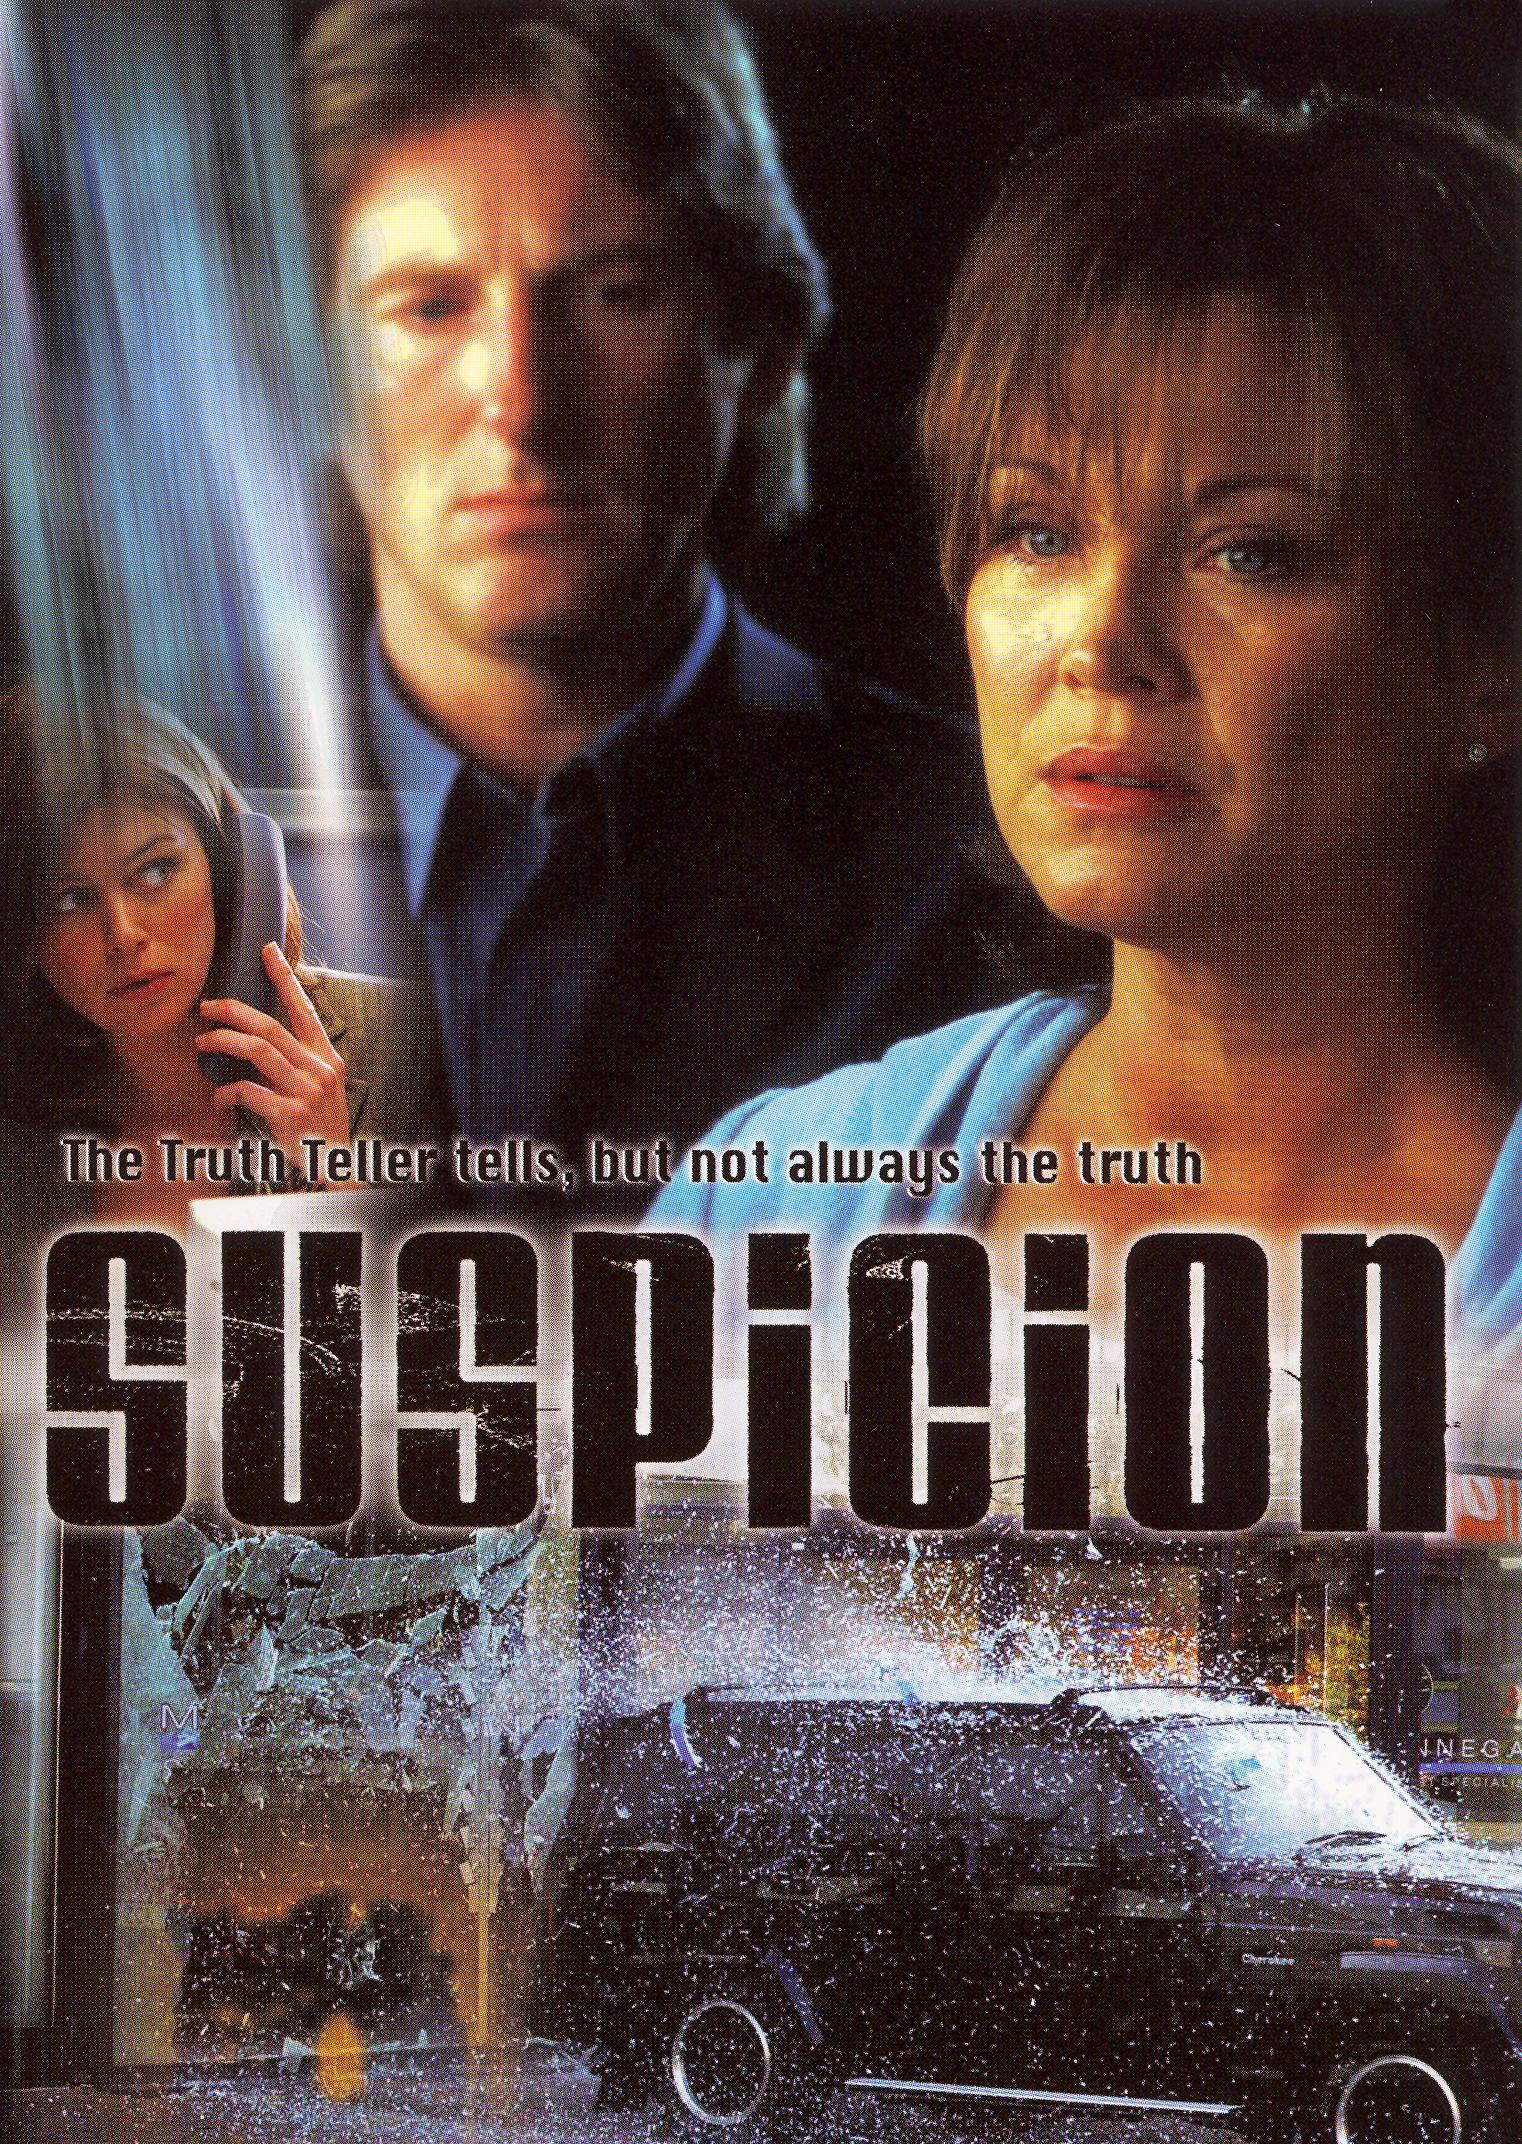 Suspicion (2003)